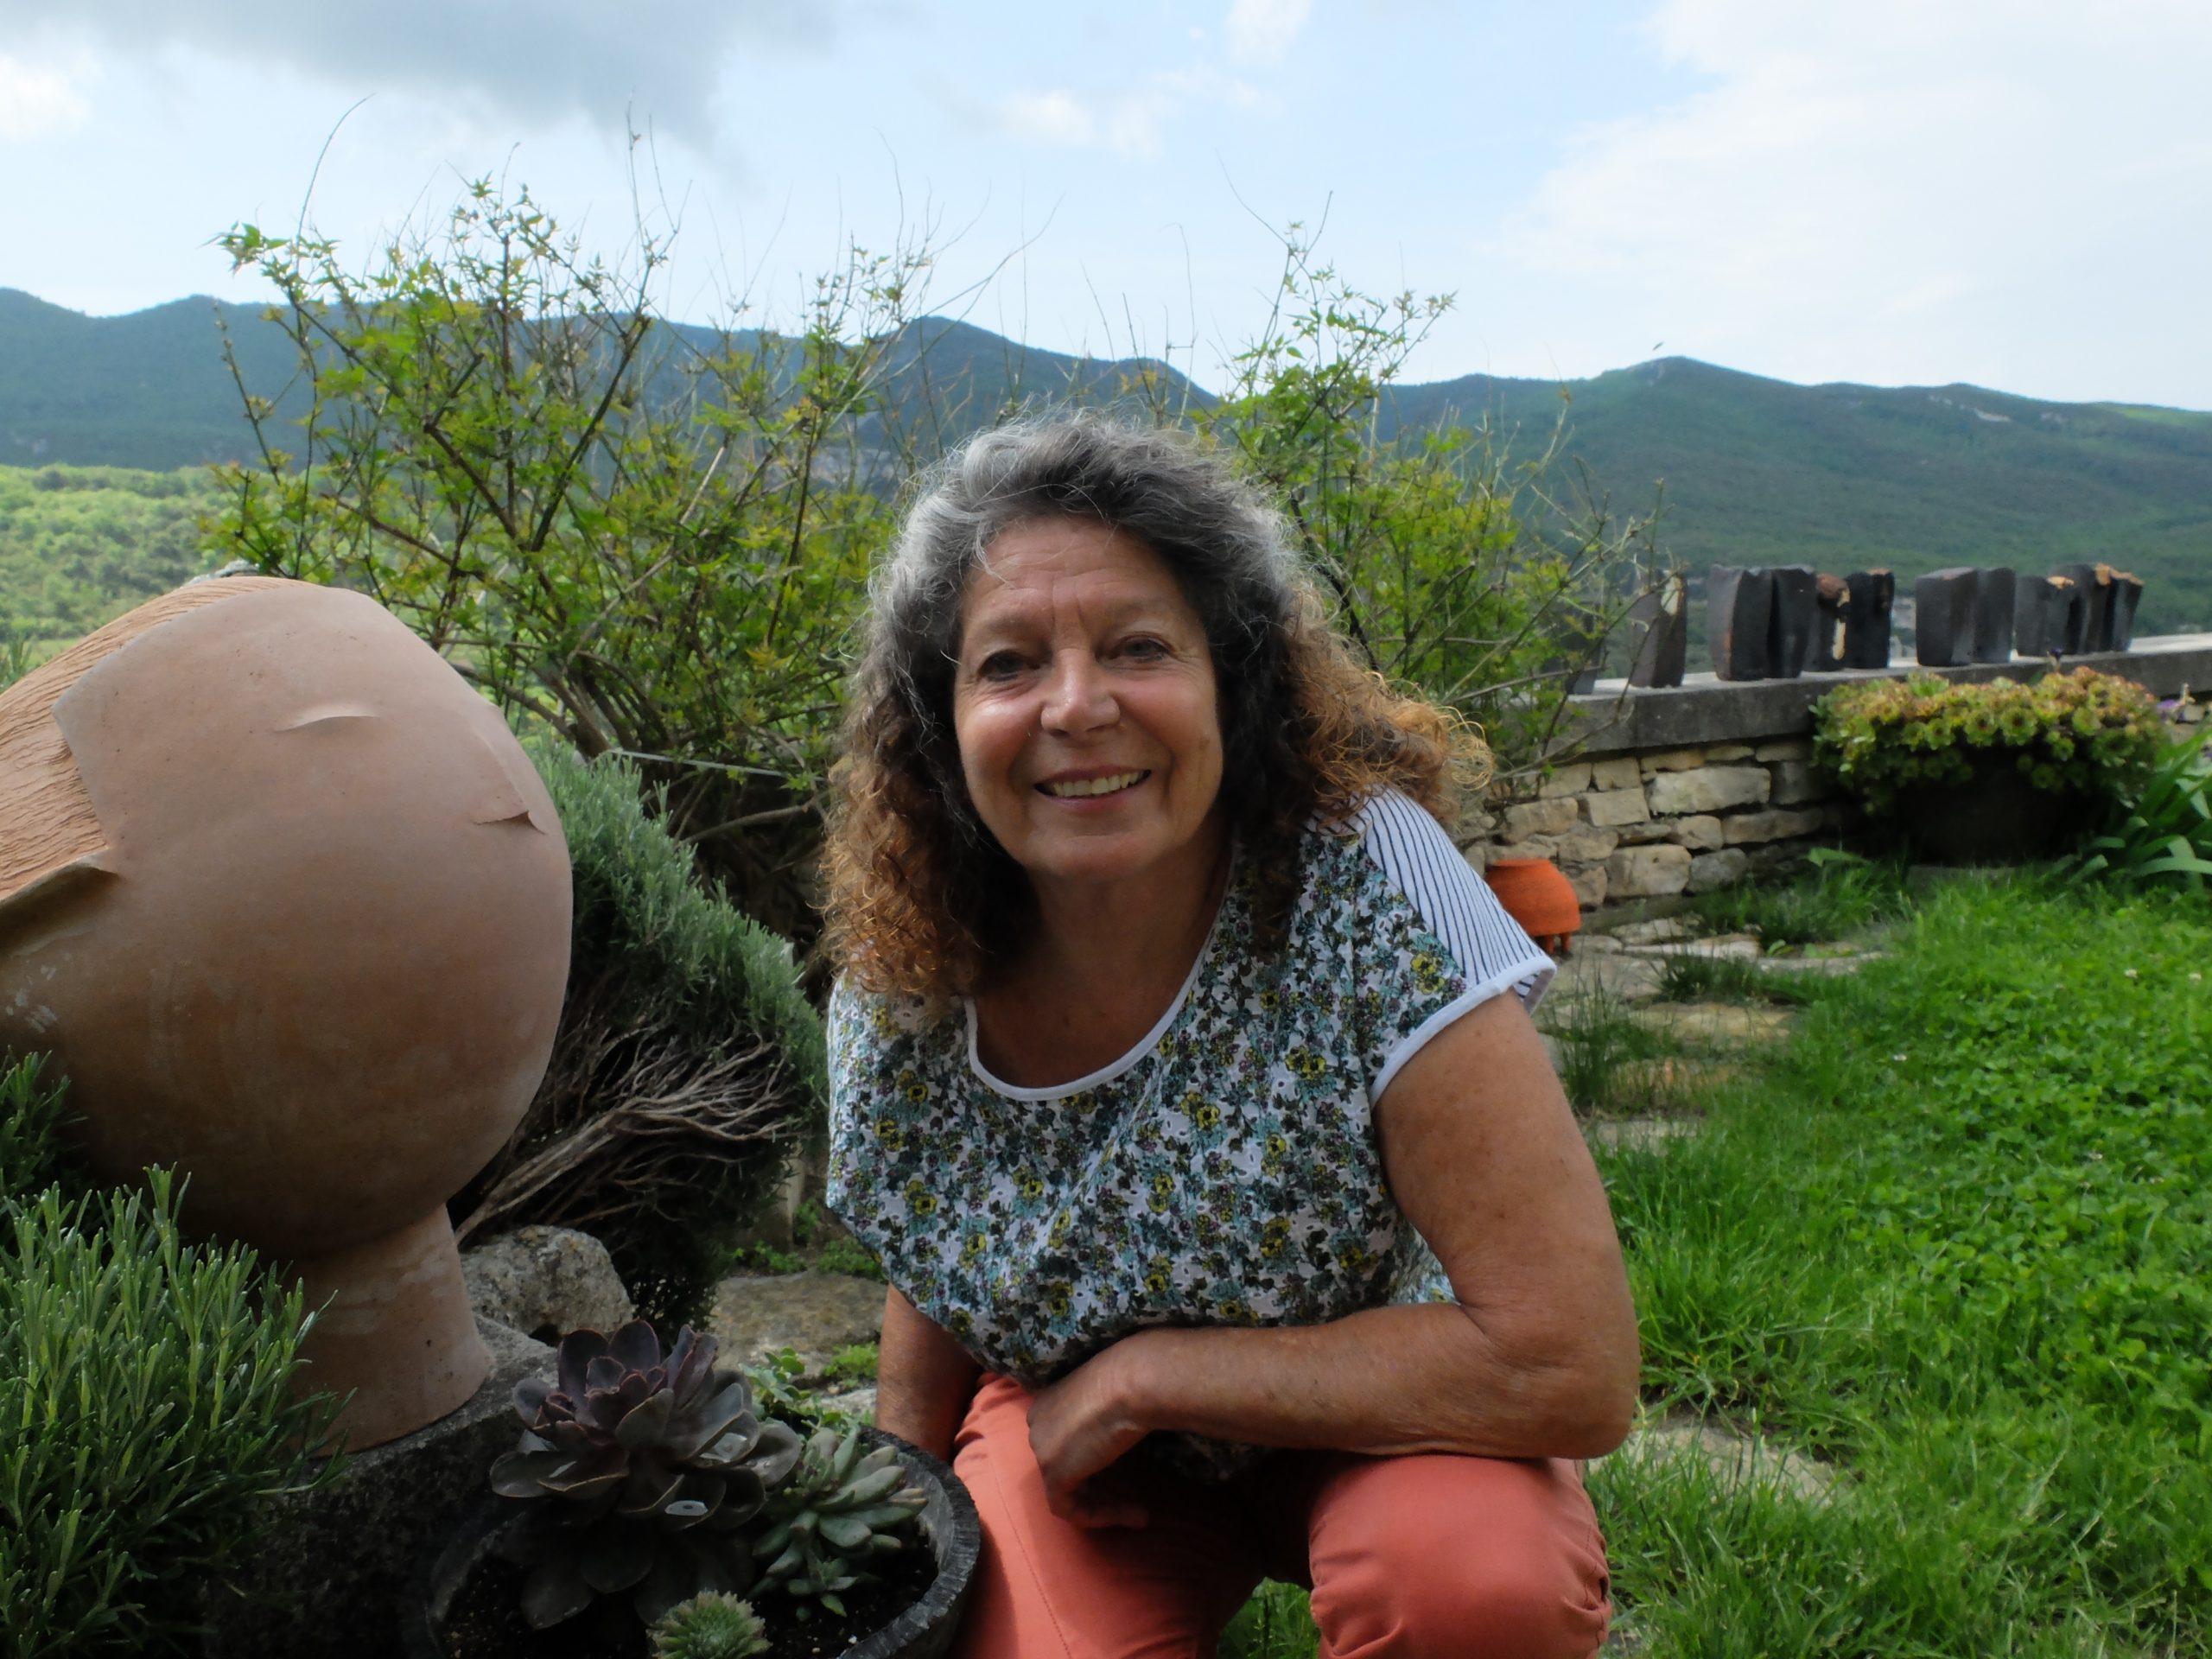 christiane filliatreau est une artiste céramiste de la galerie 22